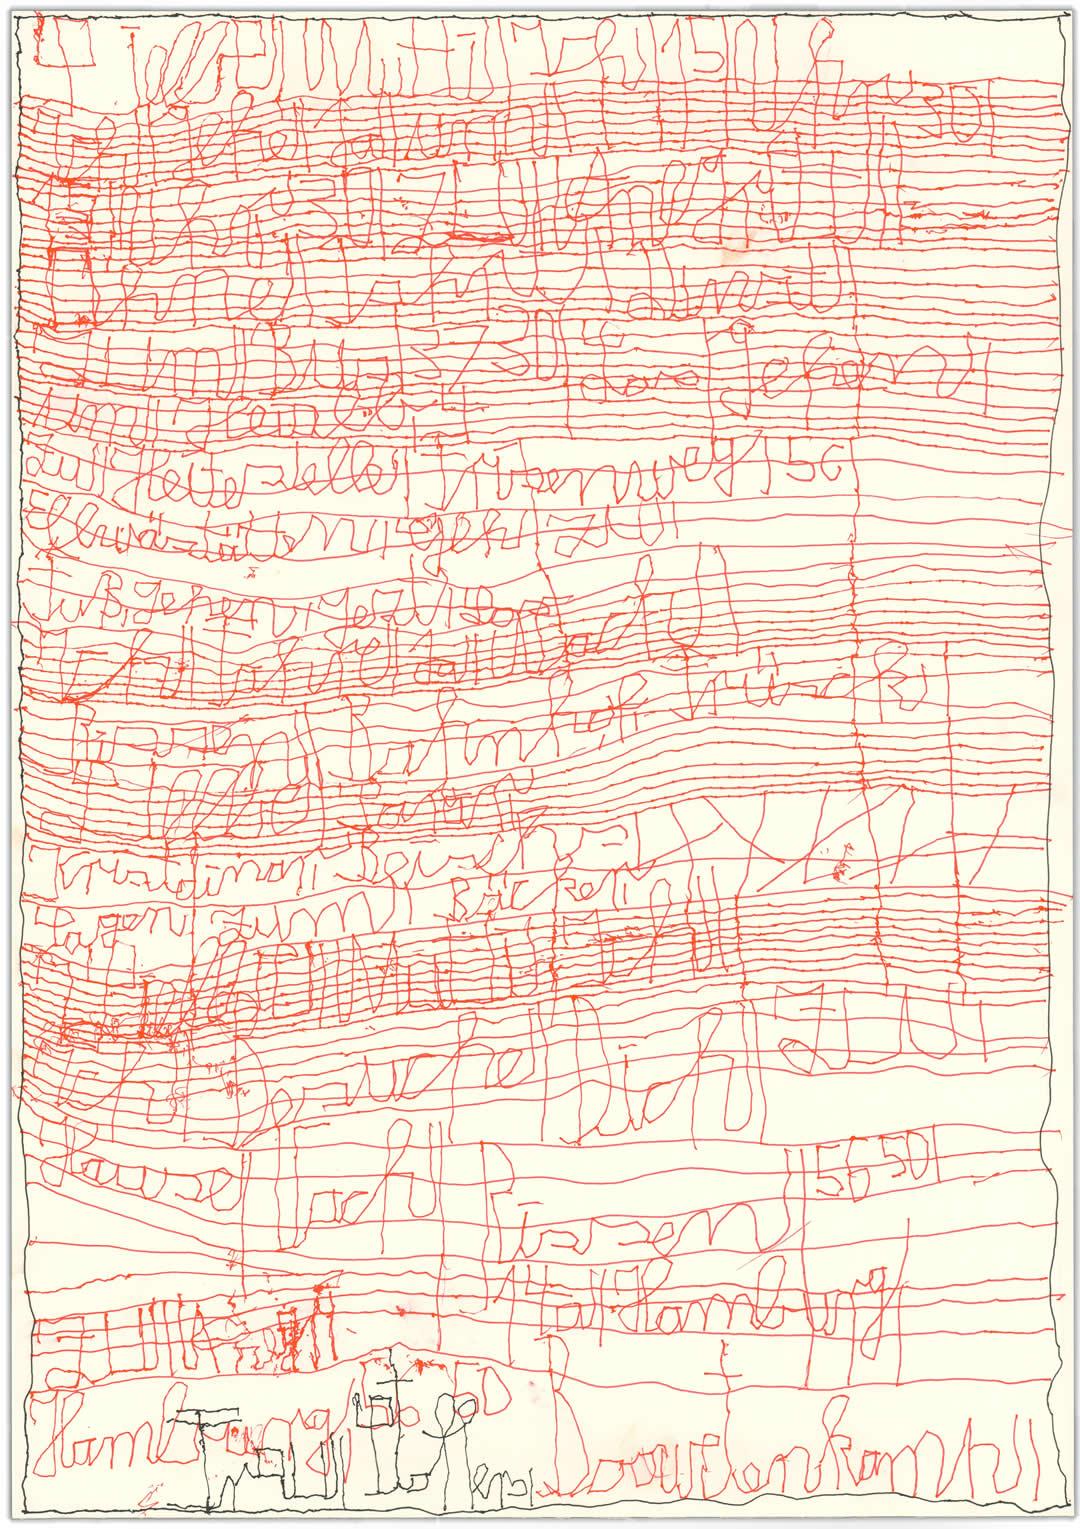 Harald Stoffers | Brief 429 | 2019 | Tinte auf Papier | 42x29.6cm | Courtesy Galerie3 Flux23 Foto Galerie der Villa